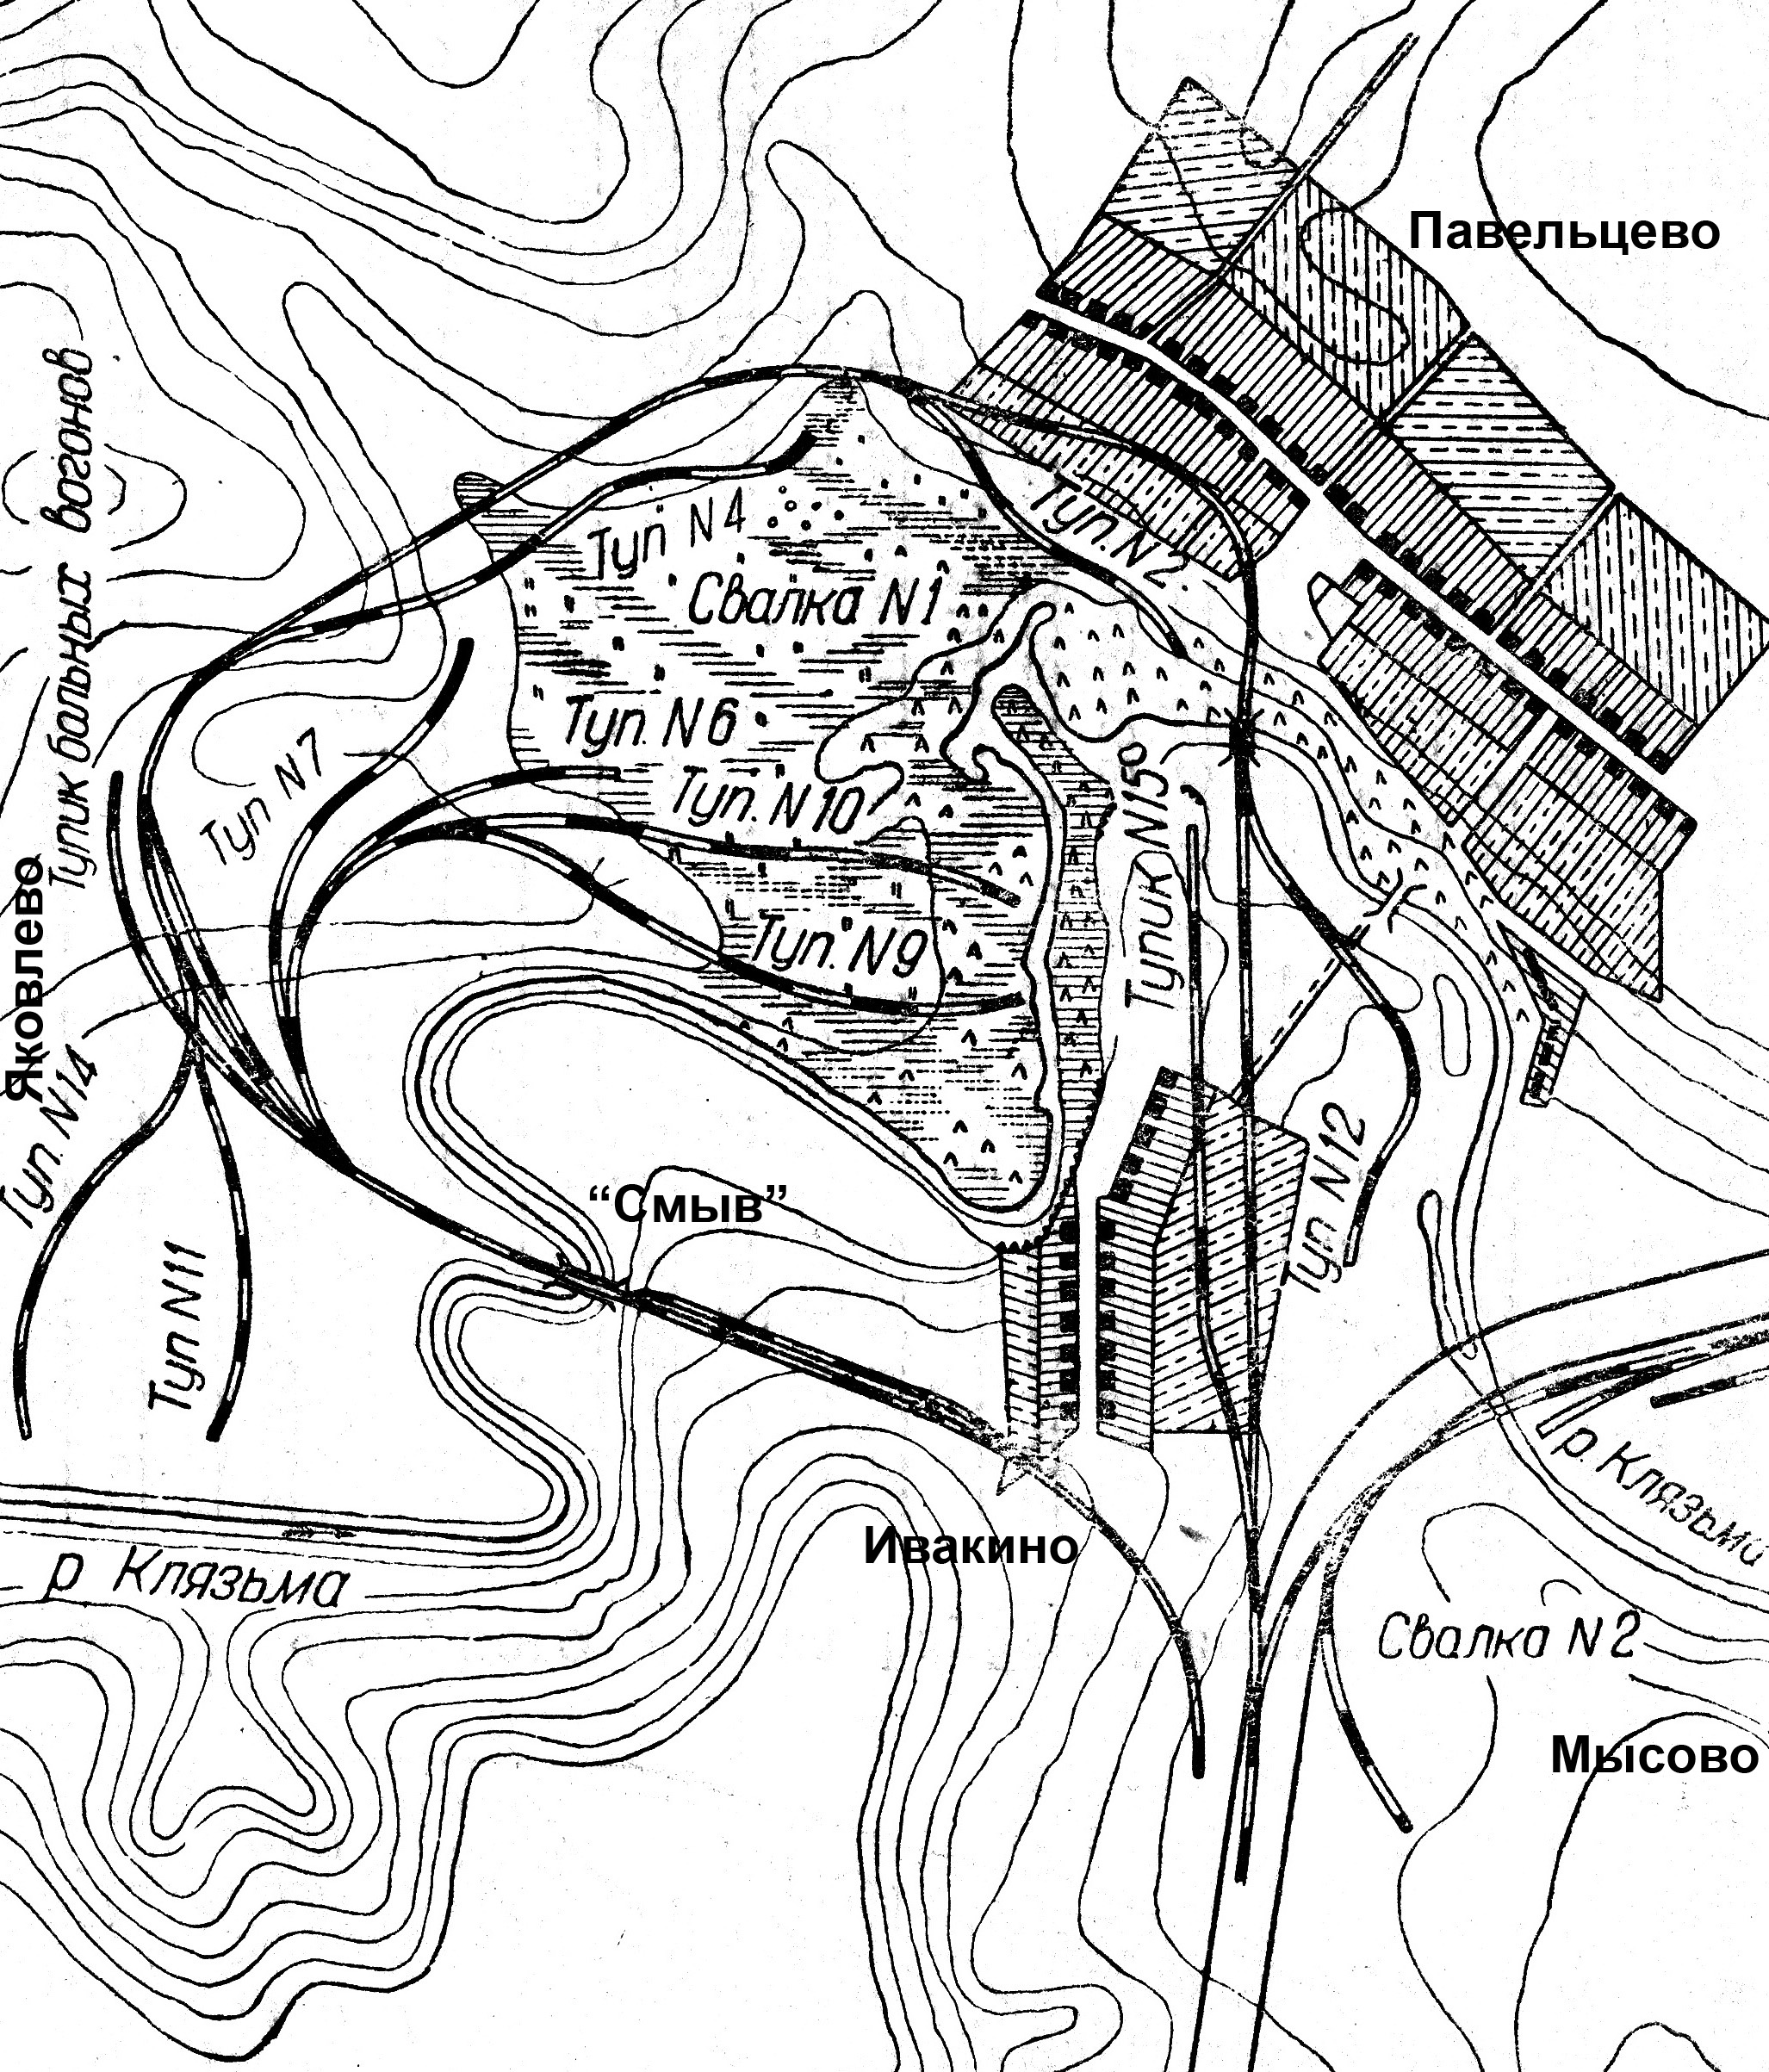 План железнодорожного кольца на 3-м участке Глубокой выемки, 1935 год.